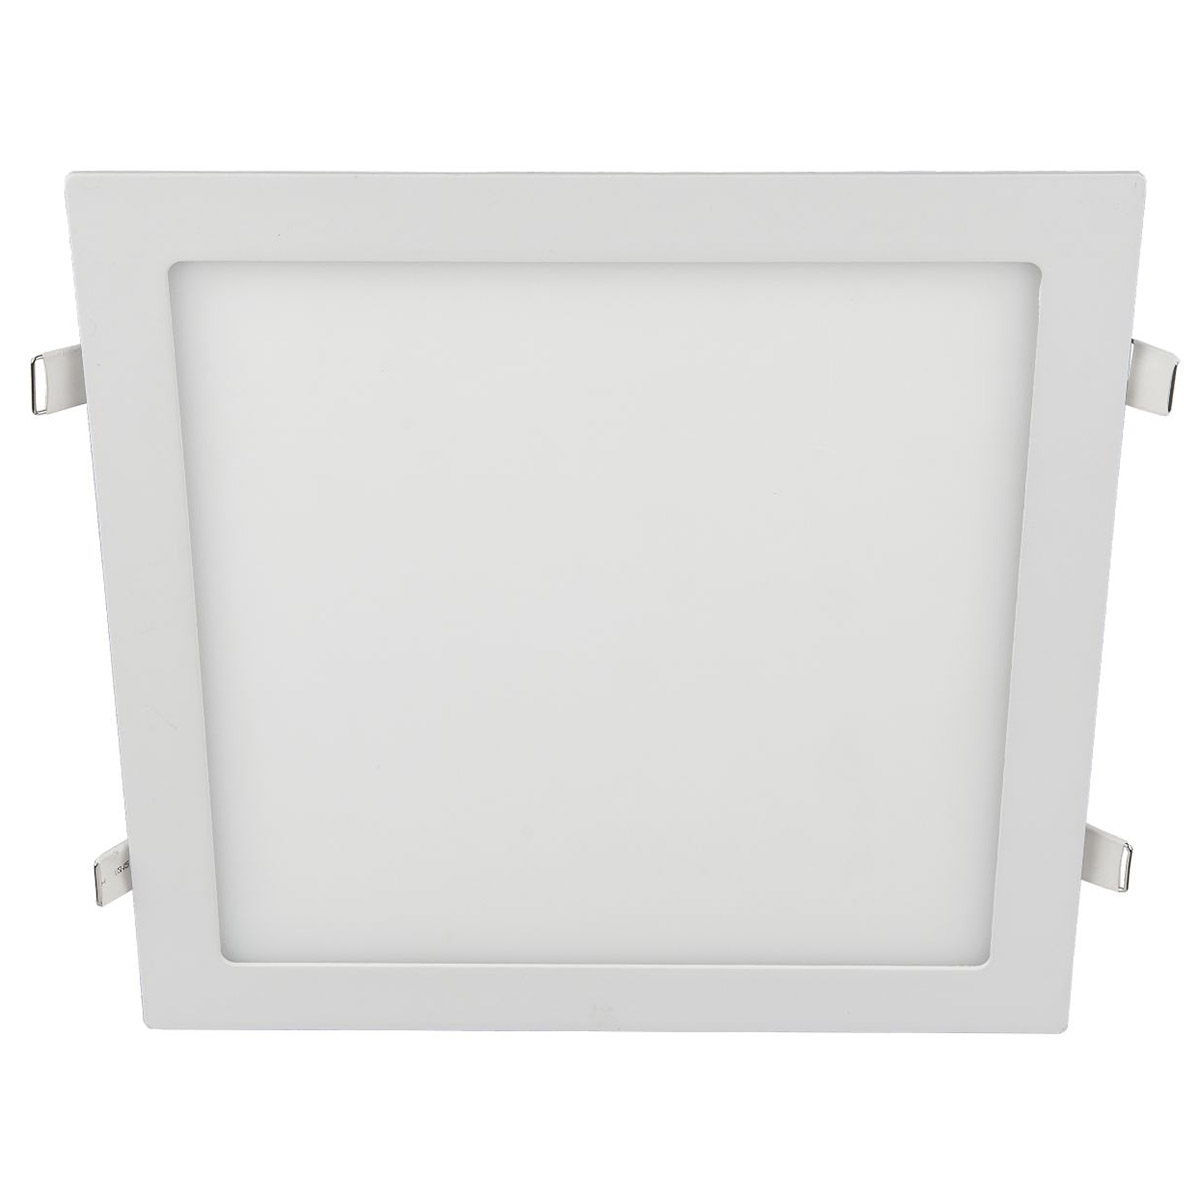 Встраиваемый светильник Elektrostandard, LED, 24 Вт elvan светильник встраиваемый vls 5048sq 24w nh